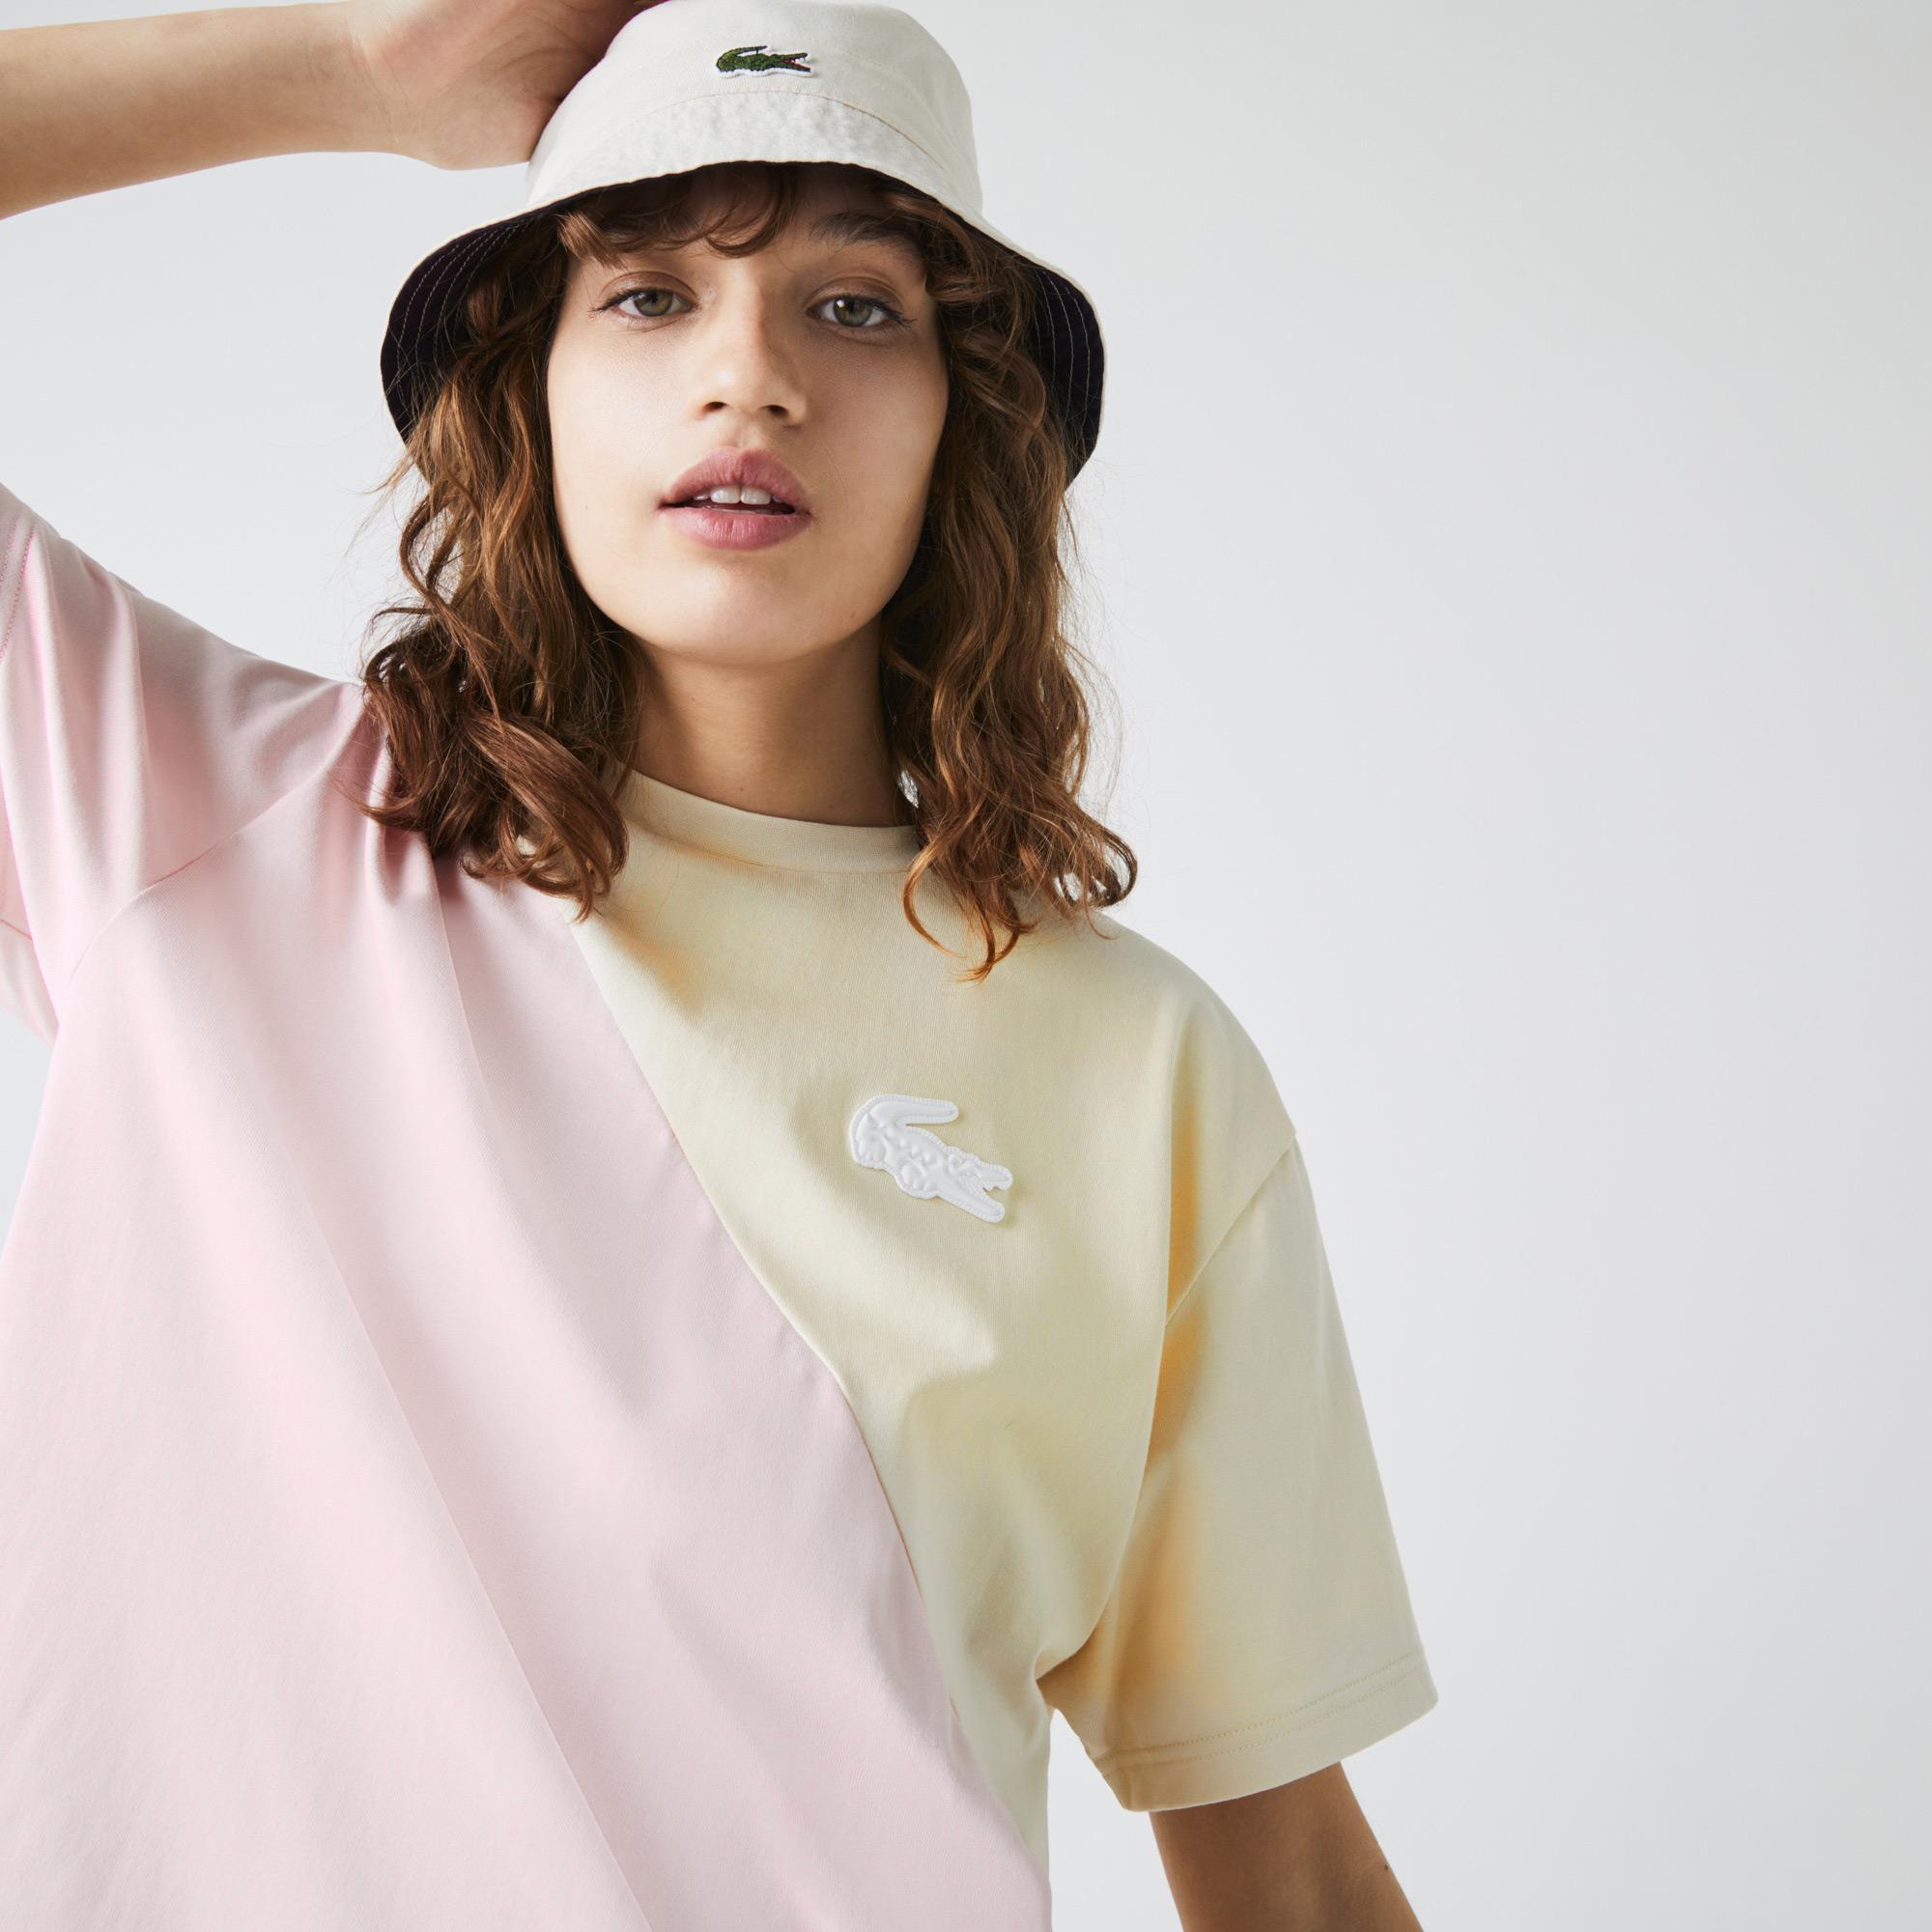 Lacoste L!VE Damski luźny dwukolorowy T-shirt z bawełny